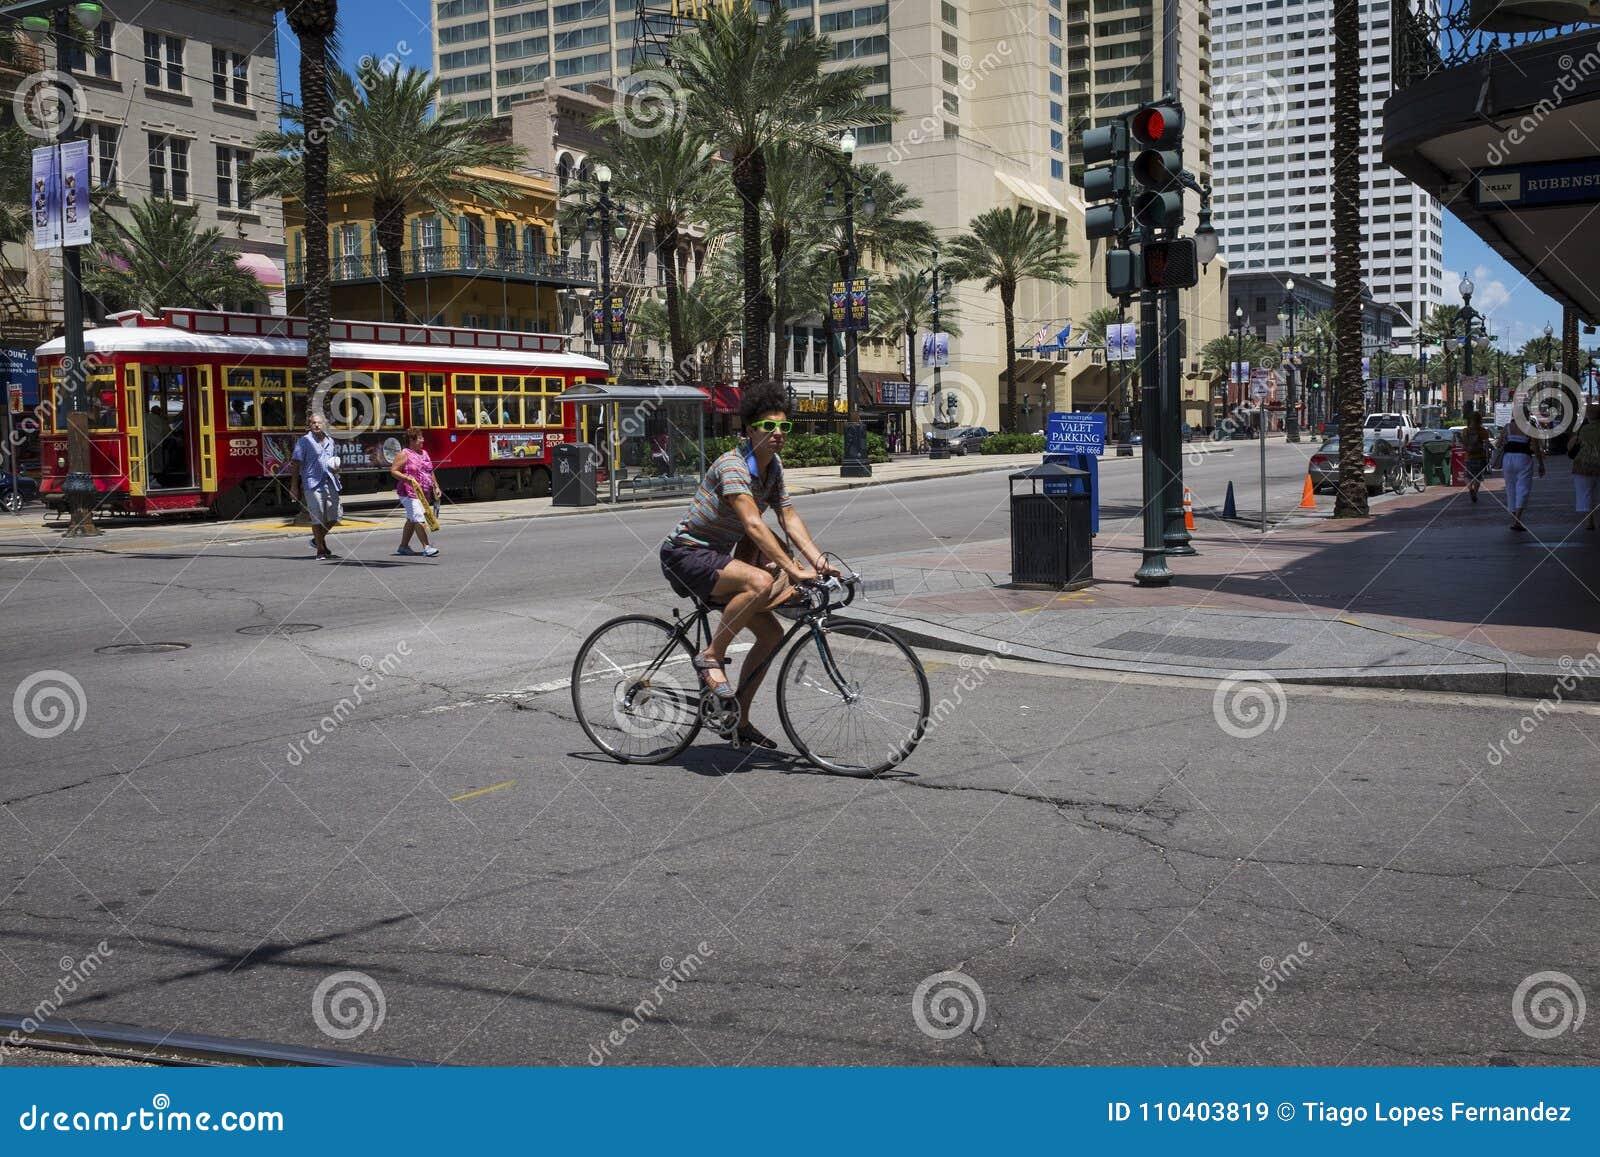 Uliczna scena przy canal street z mężczyzna na bicyklu w śródmieściu miasto Nowy Orlean, Luizjana